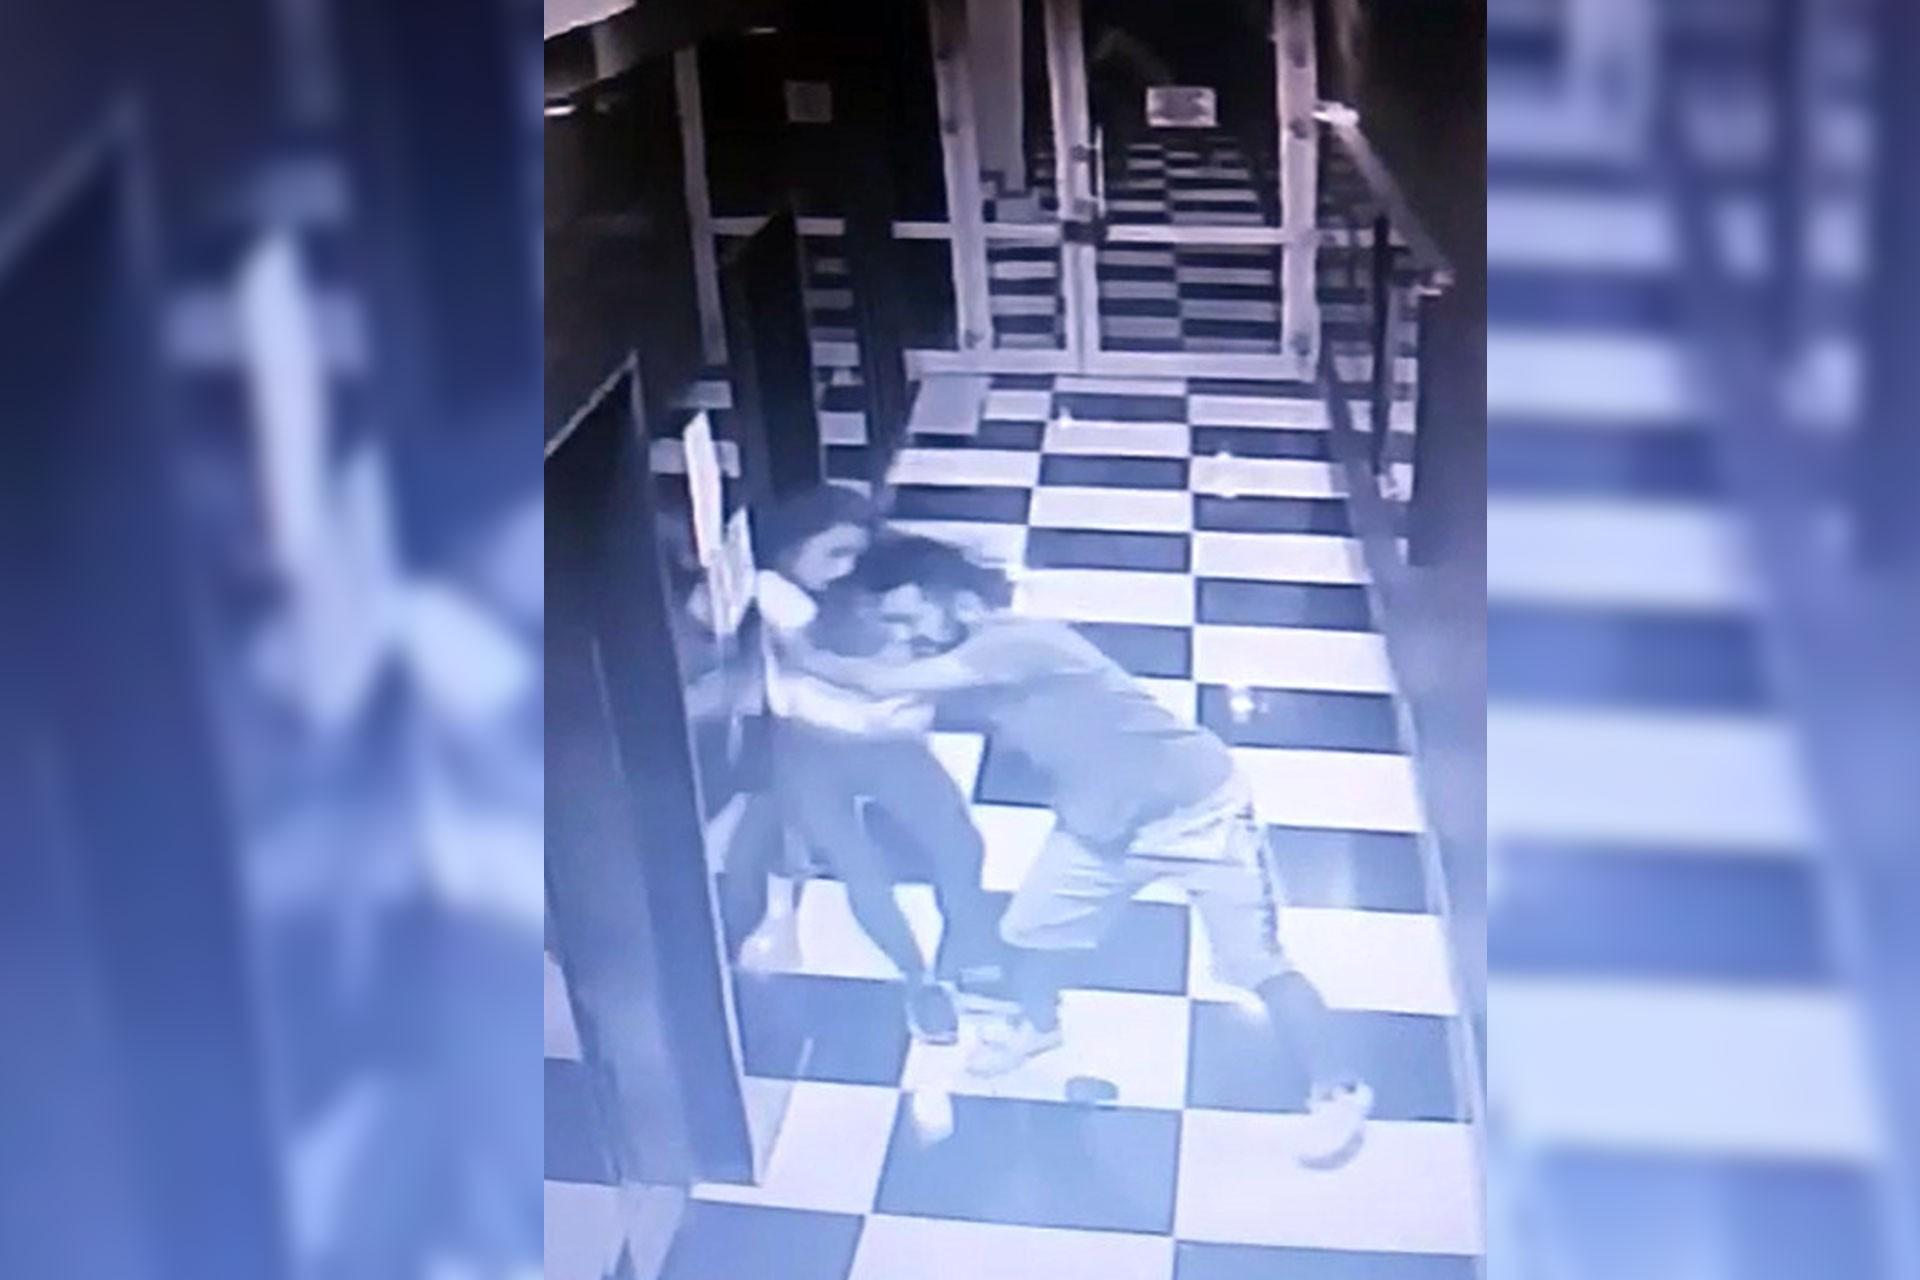 Sevgilisi tarafından asansör boşluğuna itilen kadın yaşam savaşı veriyor